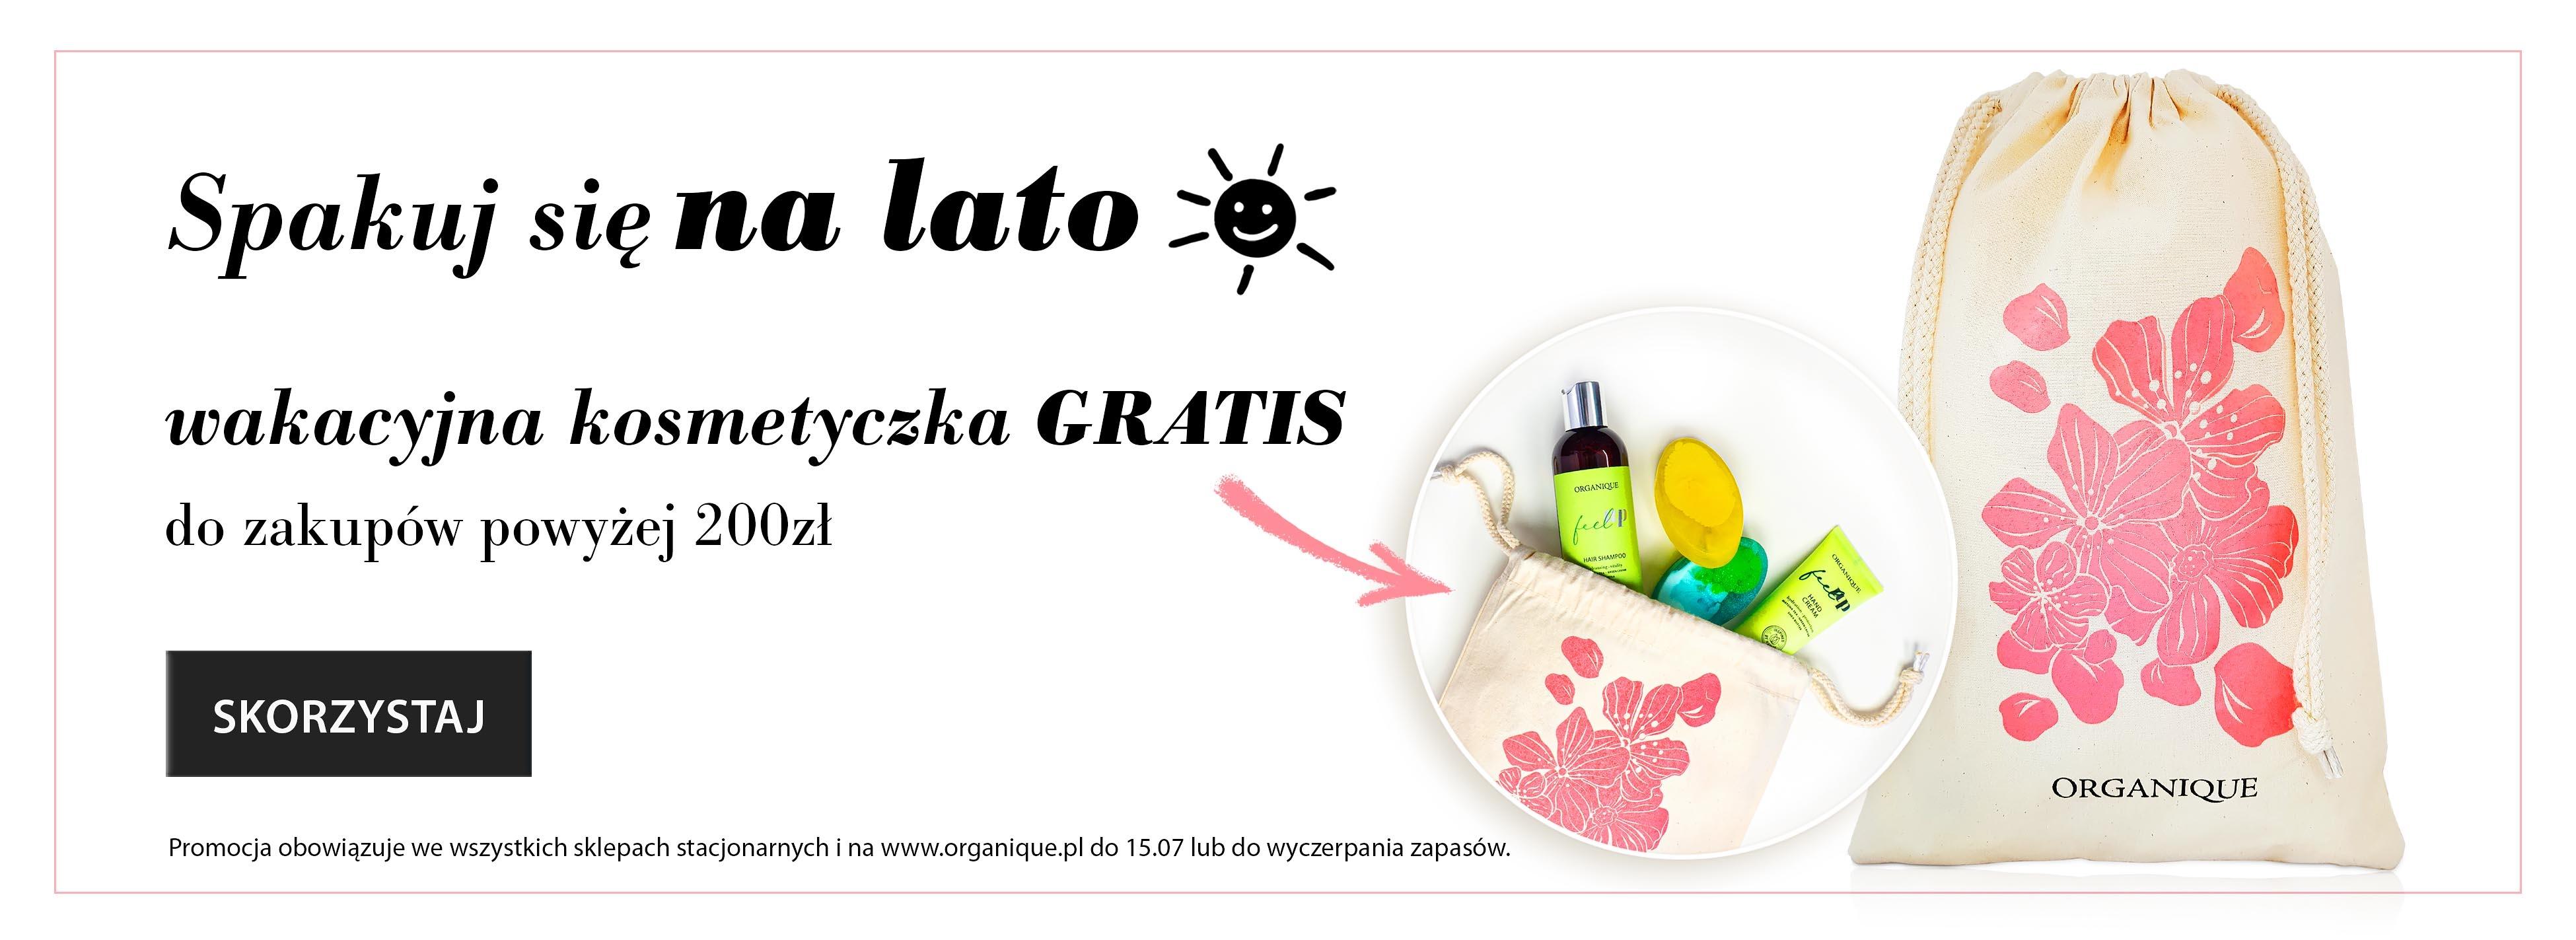 wakacyjna kosmetyczka gratis